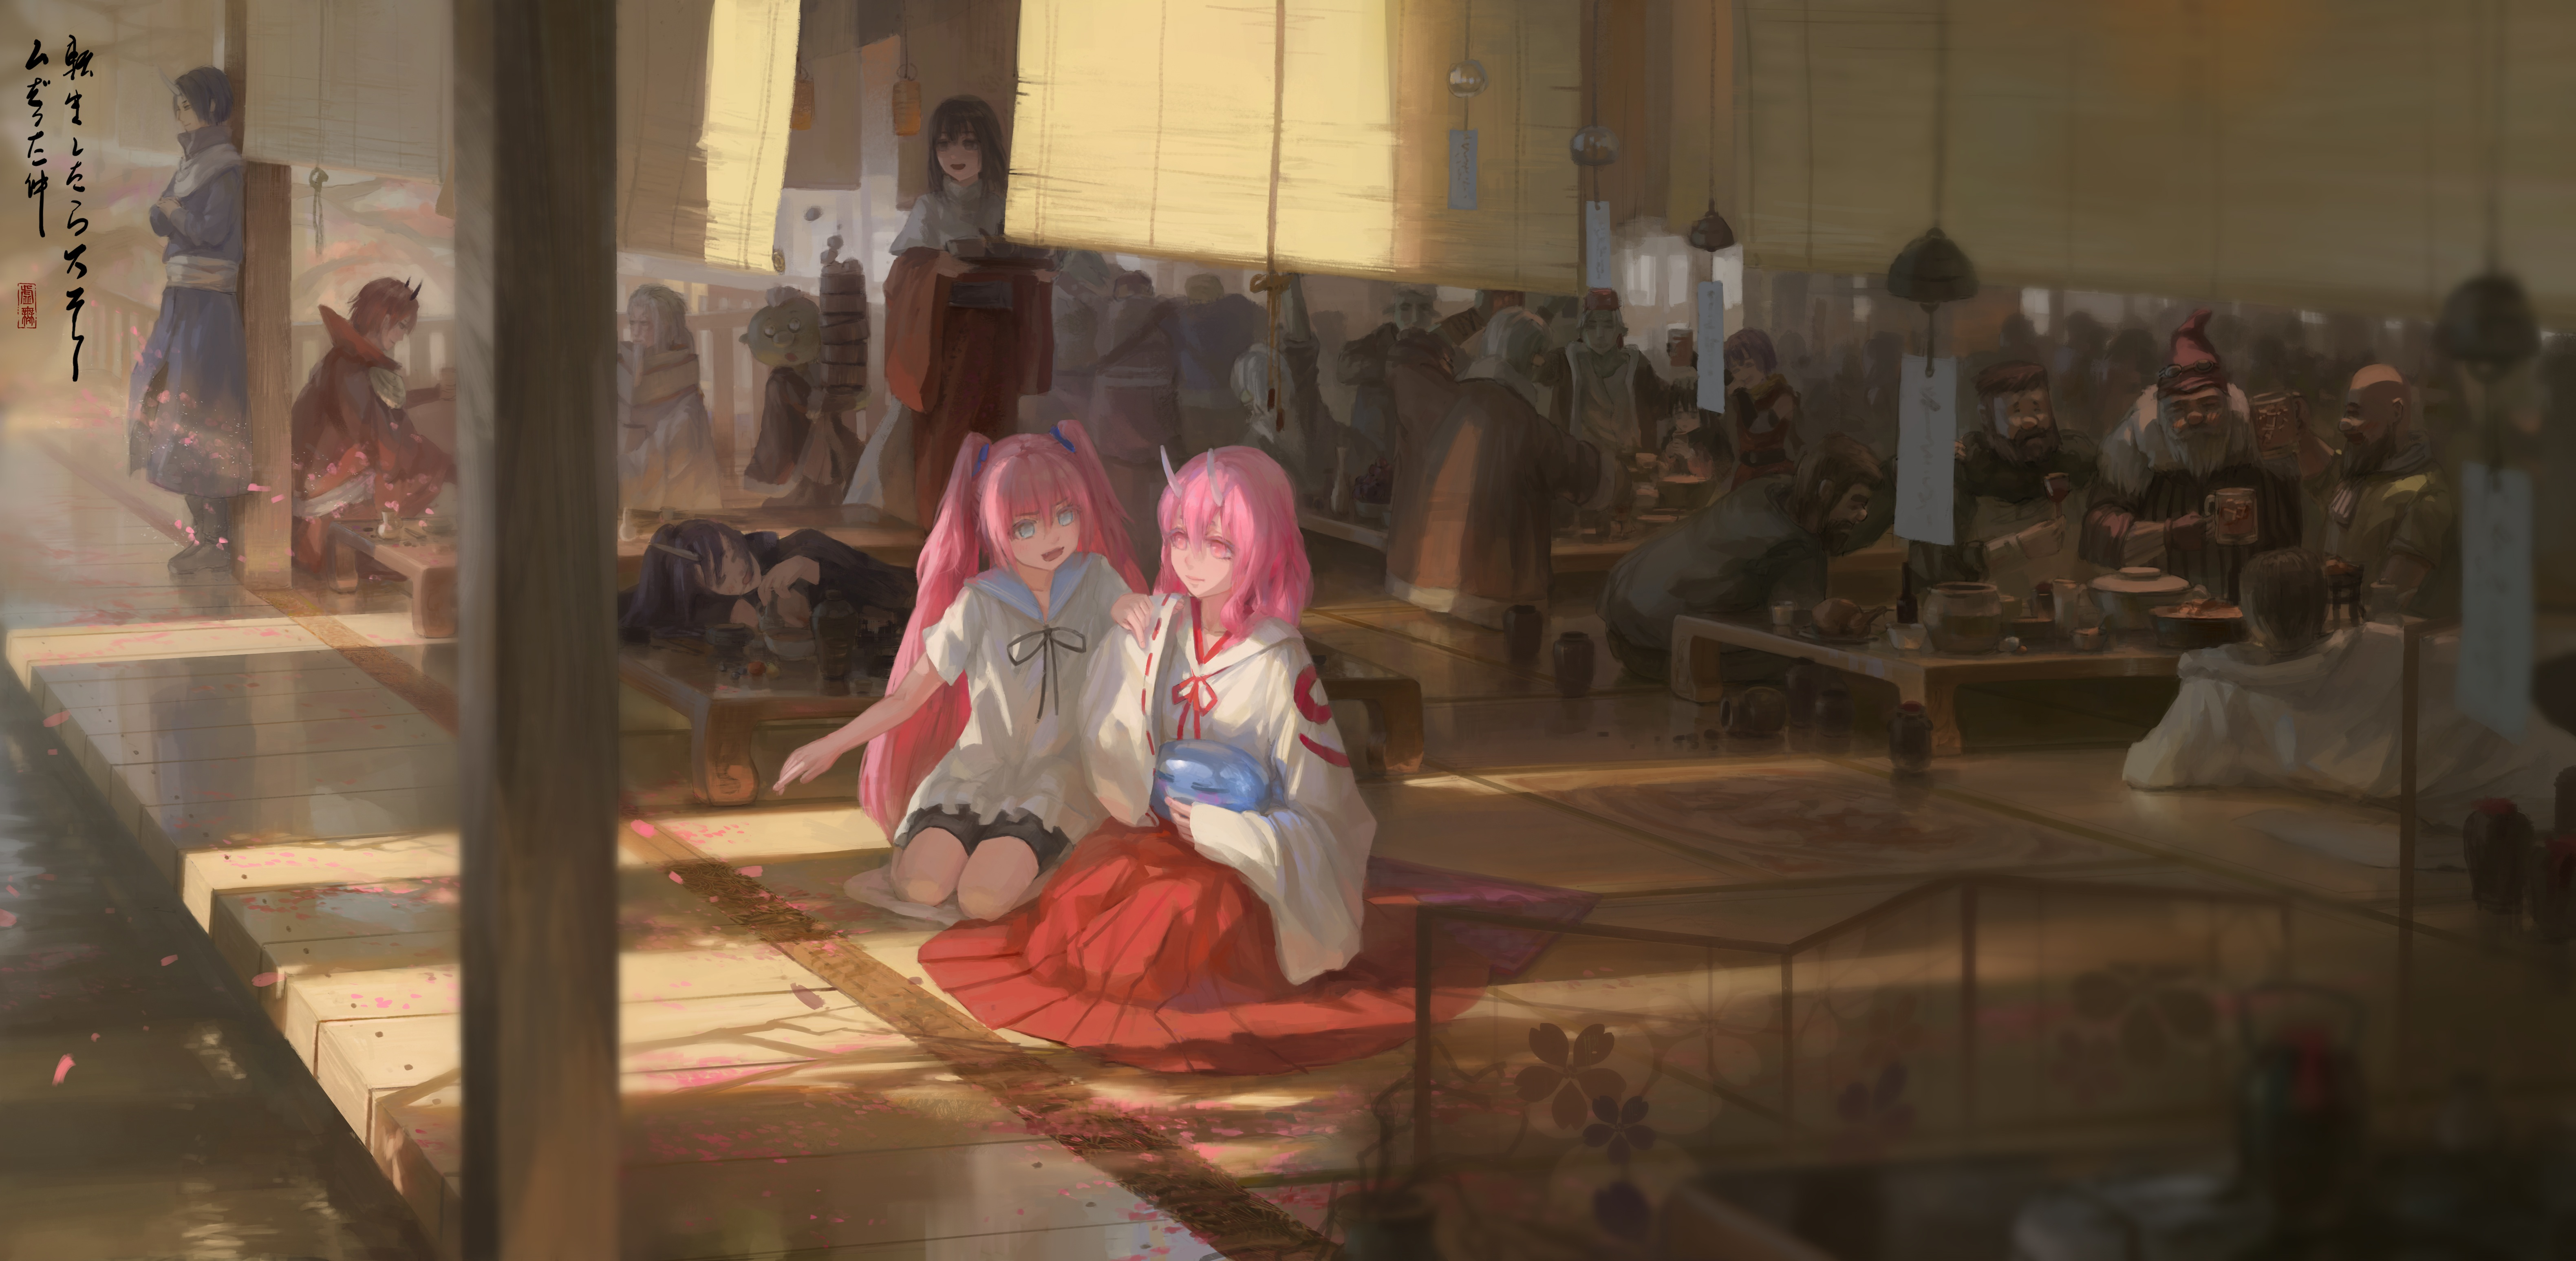 Anime 6320x3094 Tensei Shitara Slime Datta Ken Milim Nava Benimaru Nikaido Shion (TenSura) Shuna Souei anime void_0